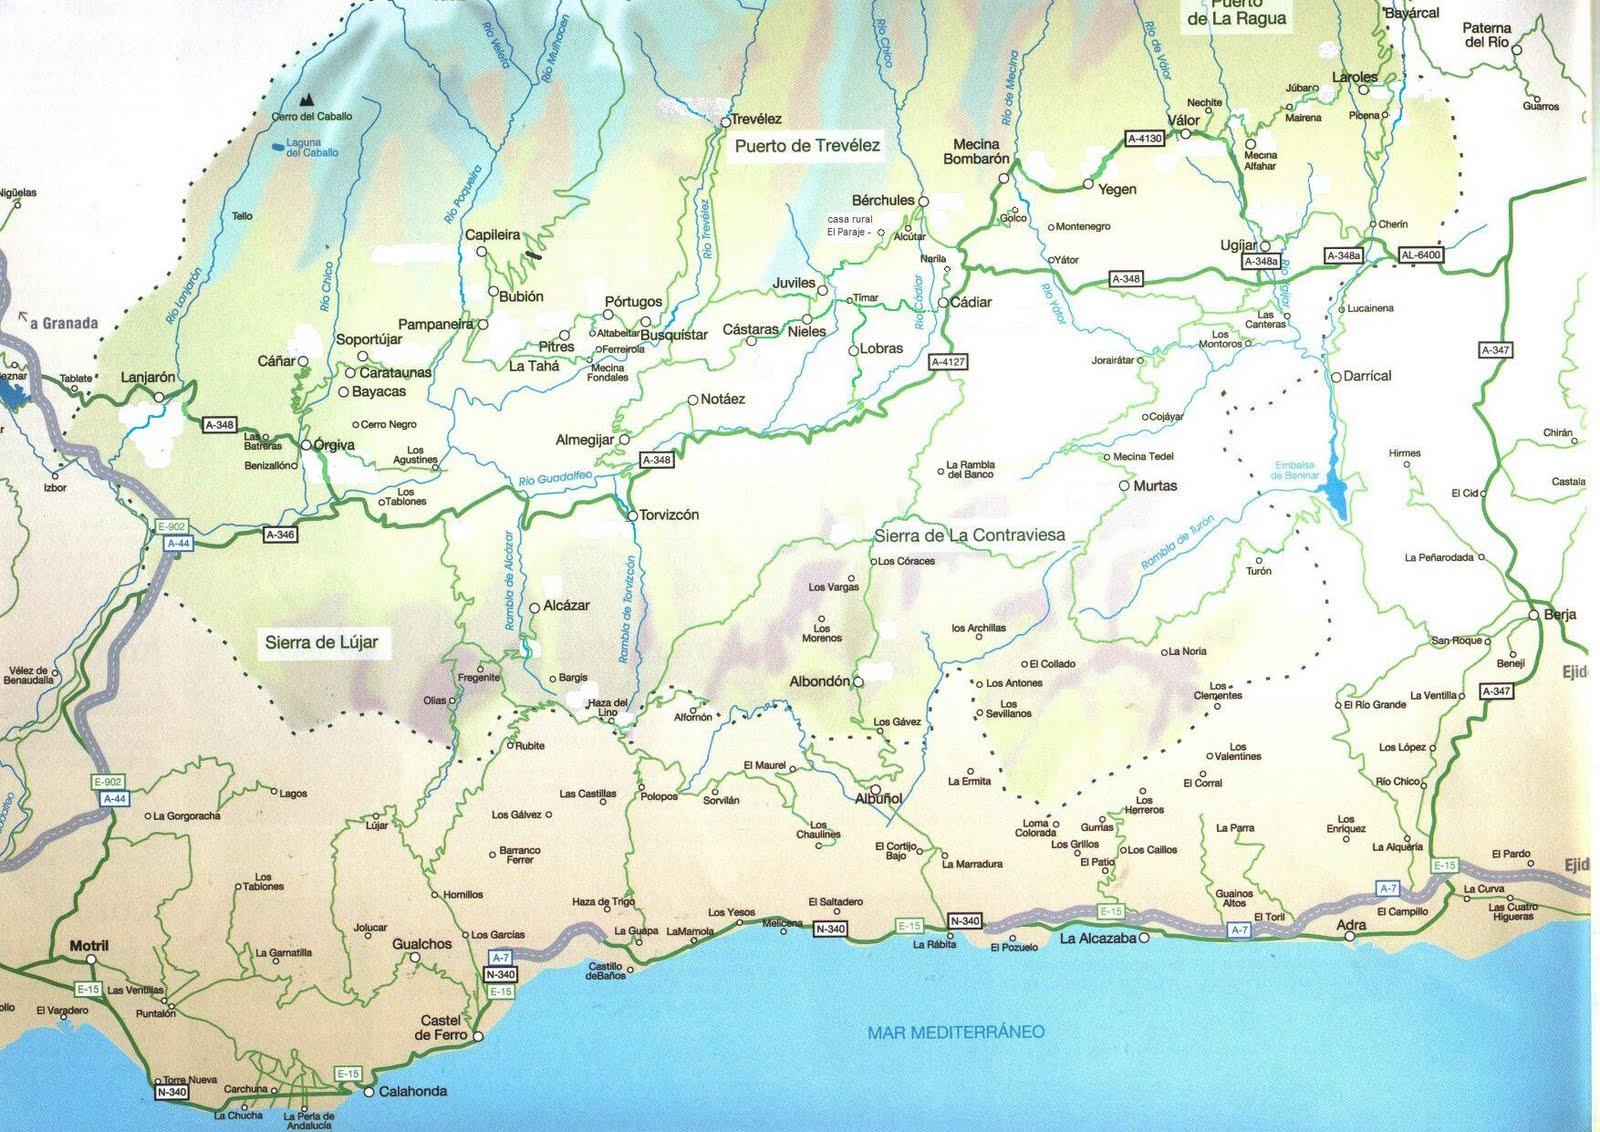 Mapa De La Alpujarra.Mapa Alpujarras Pdf Bounconevan Ga